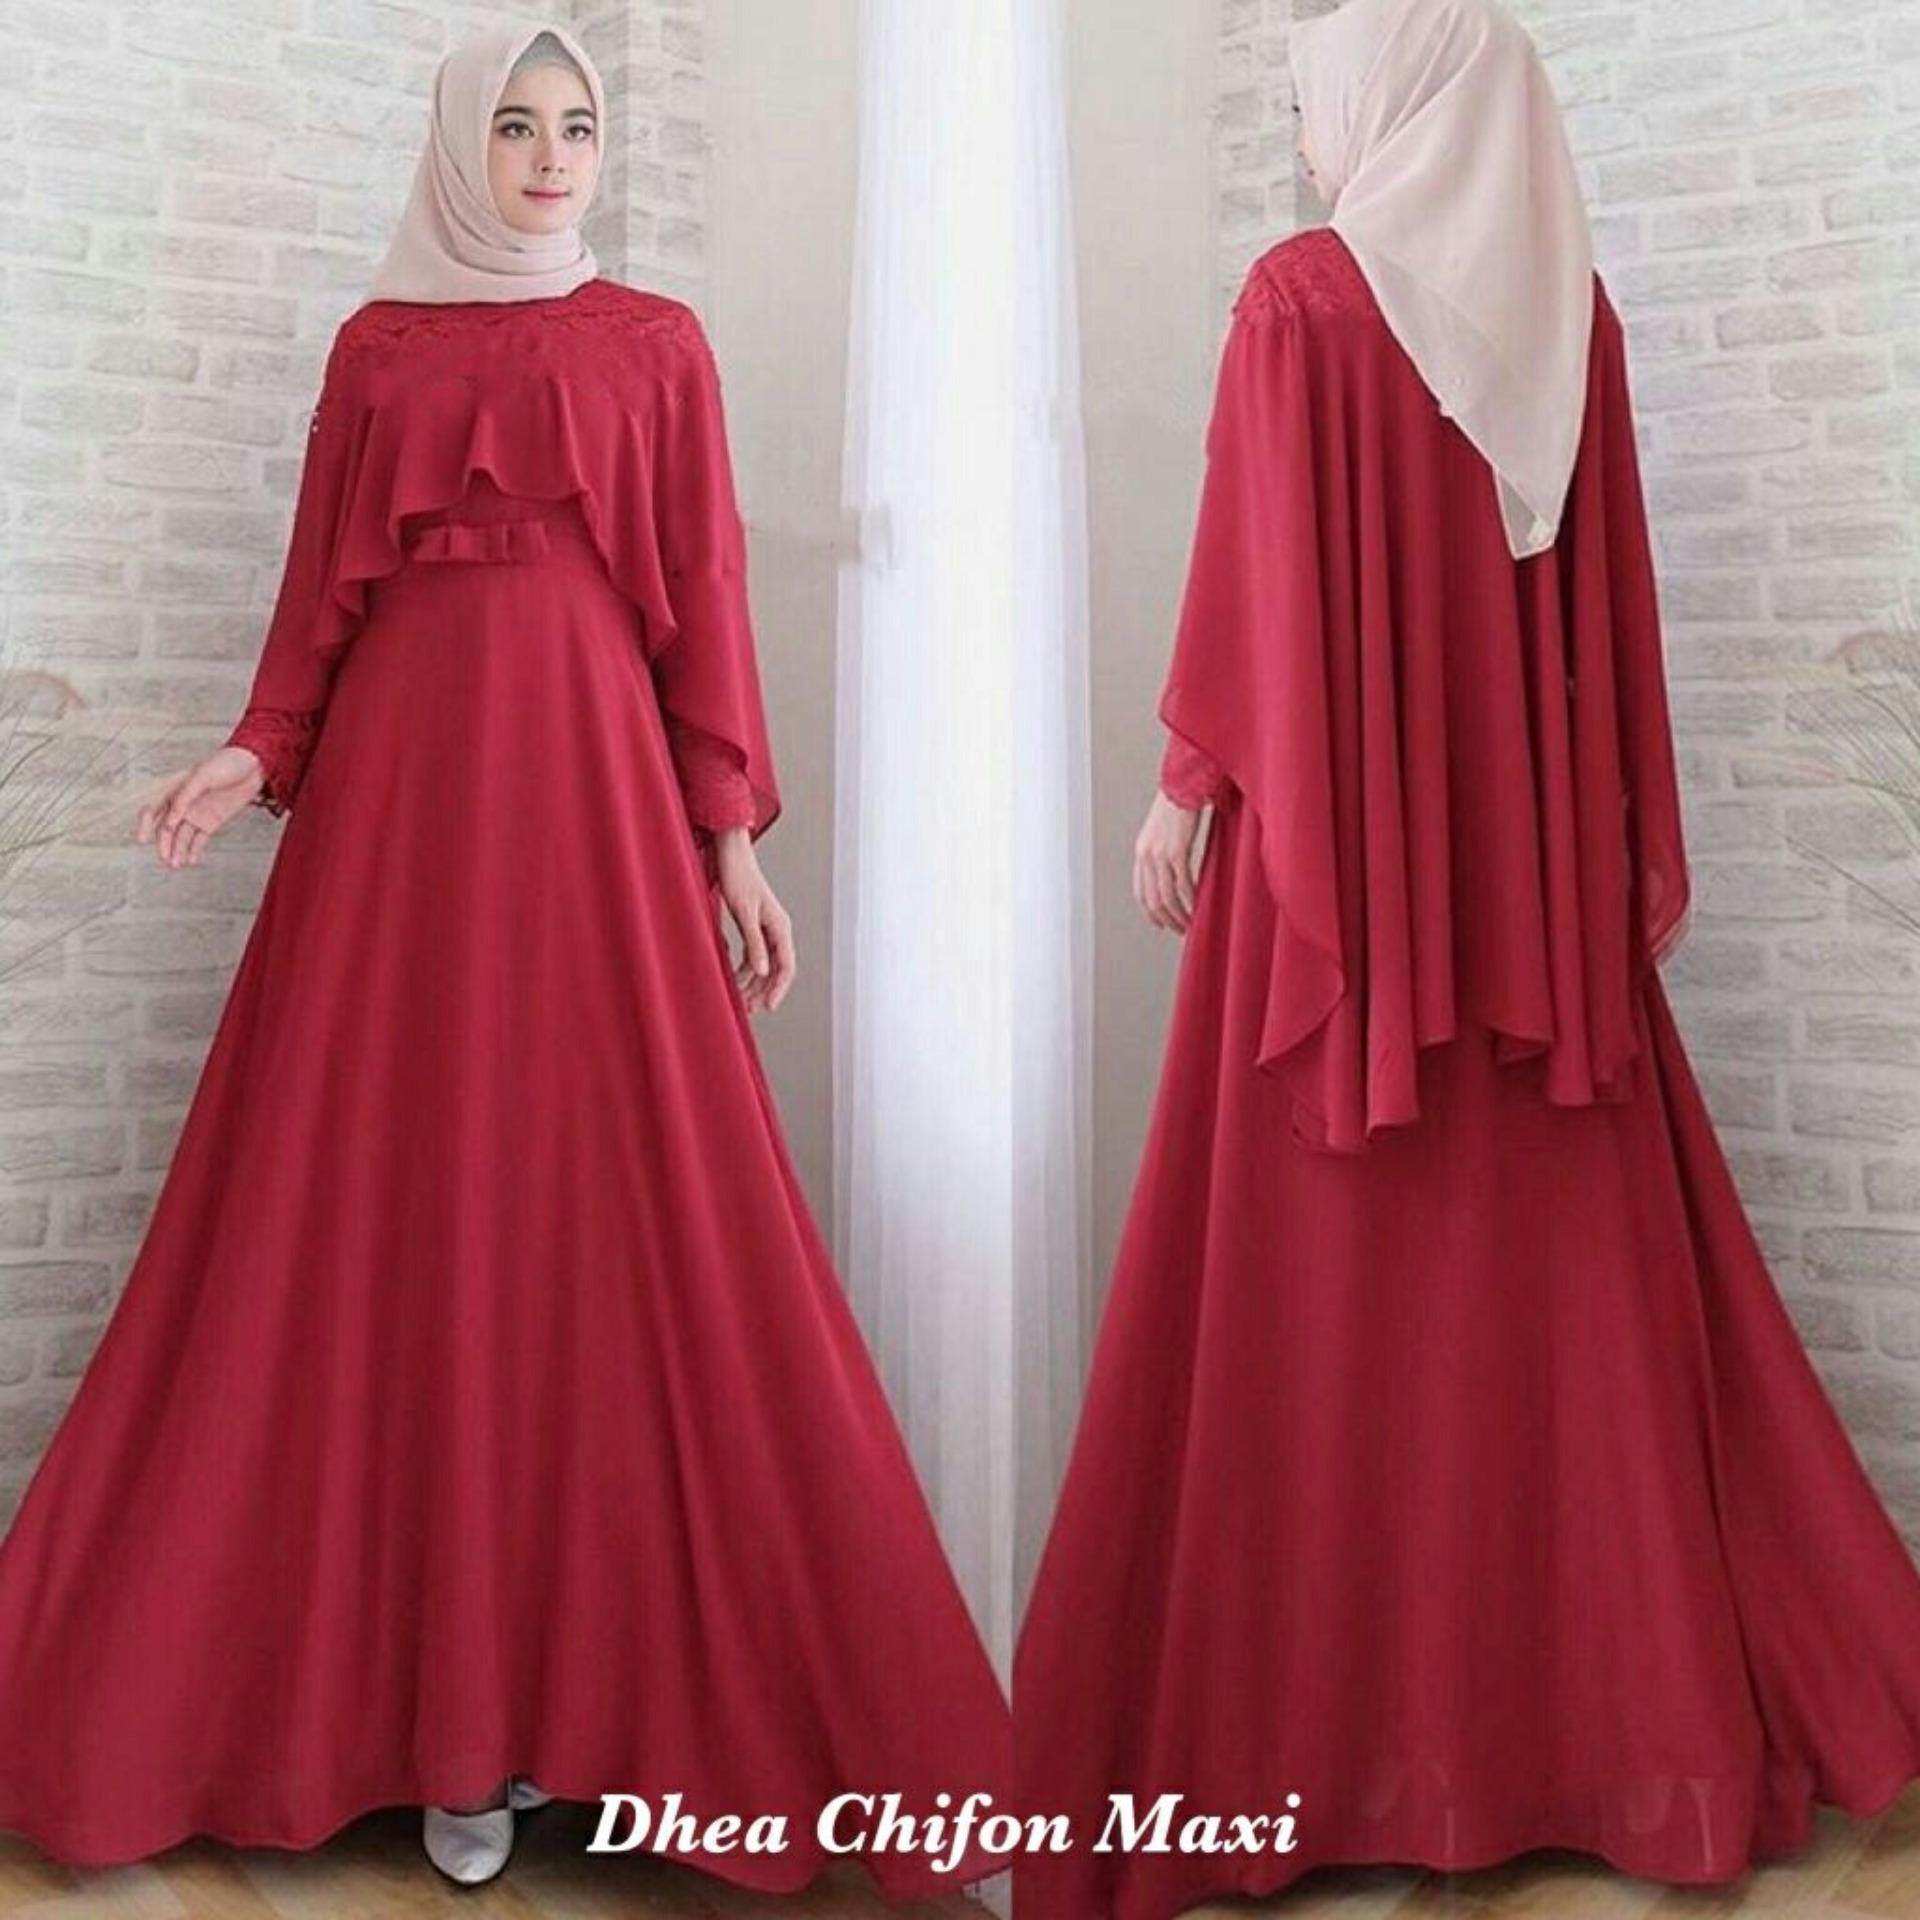 Pakaian Muslimah Wanita Fashionble wanita - gamis syari - Dhea Ananda Sifon